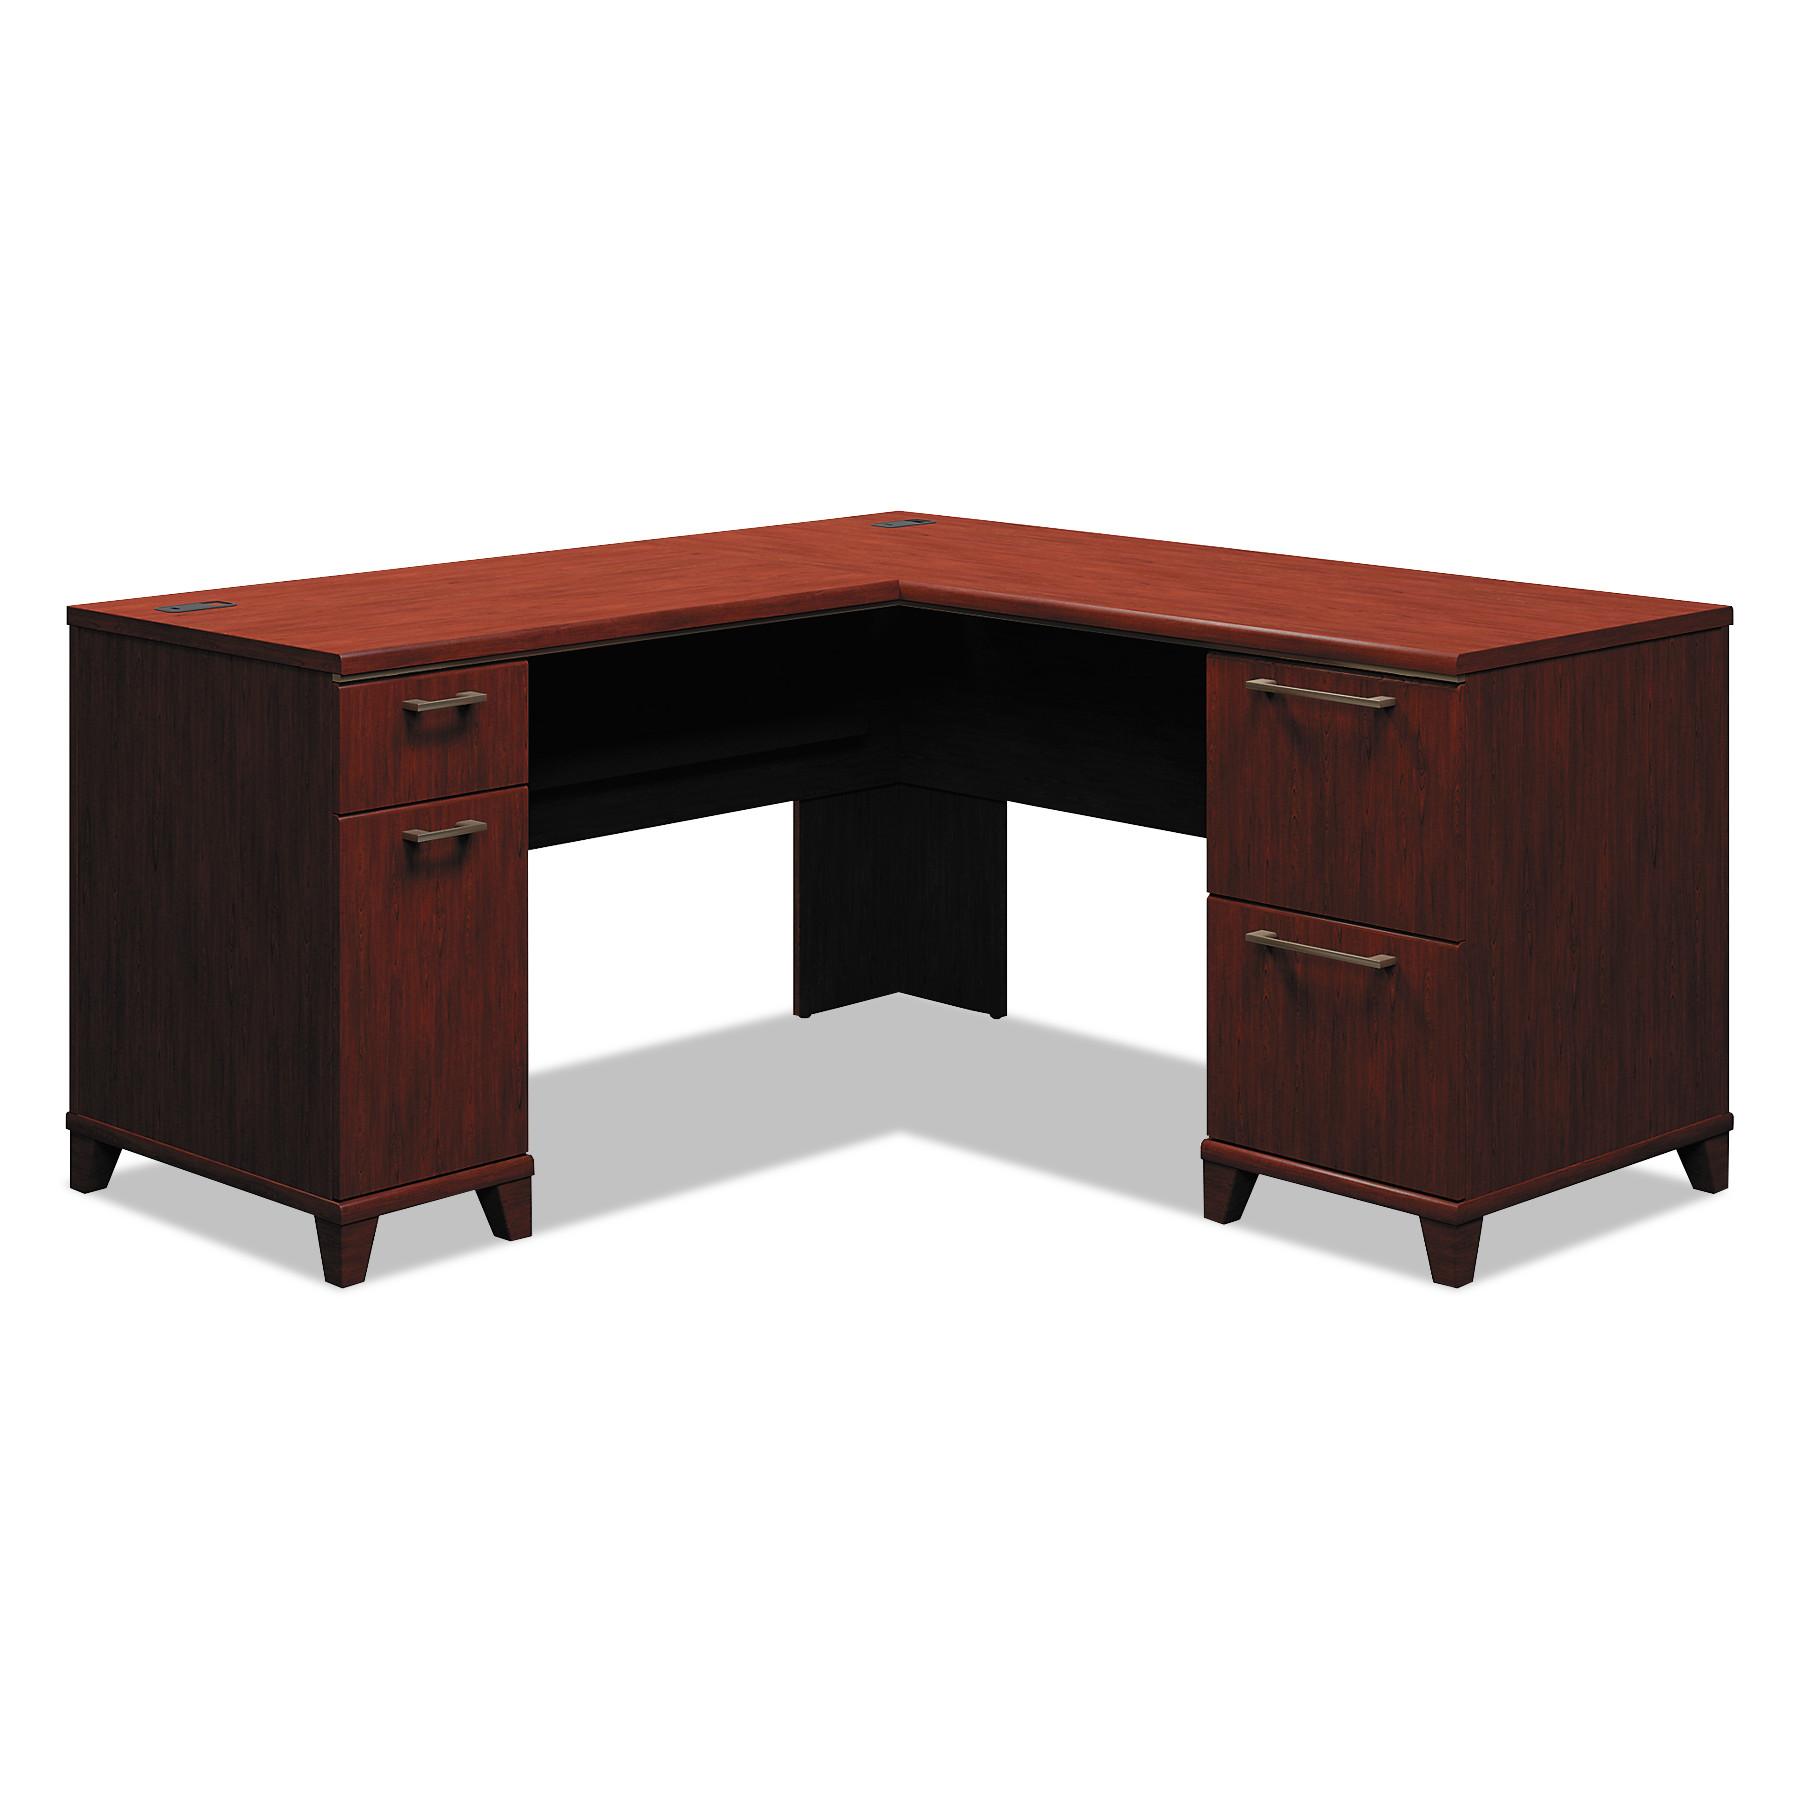 Enterprise Collection 60W x 60D L-Desk, Harvest Cherry (Box 1 of 2)